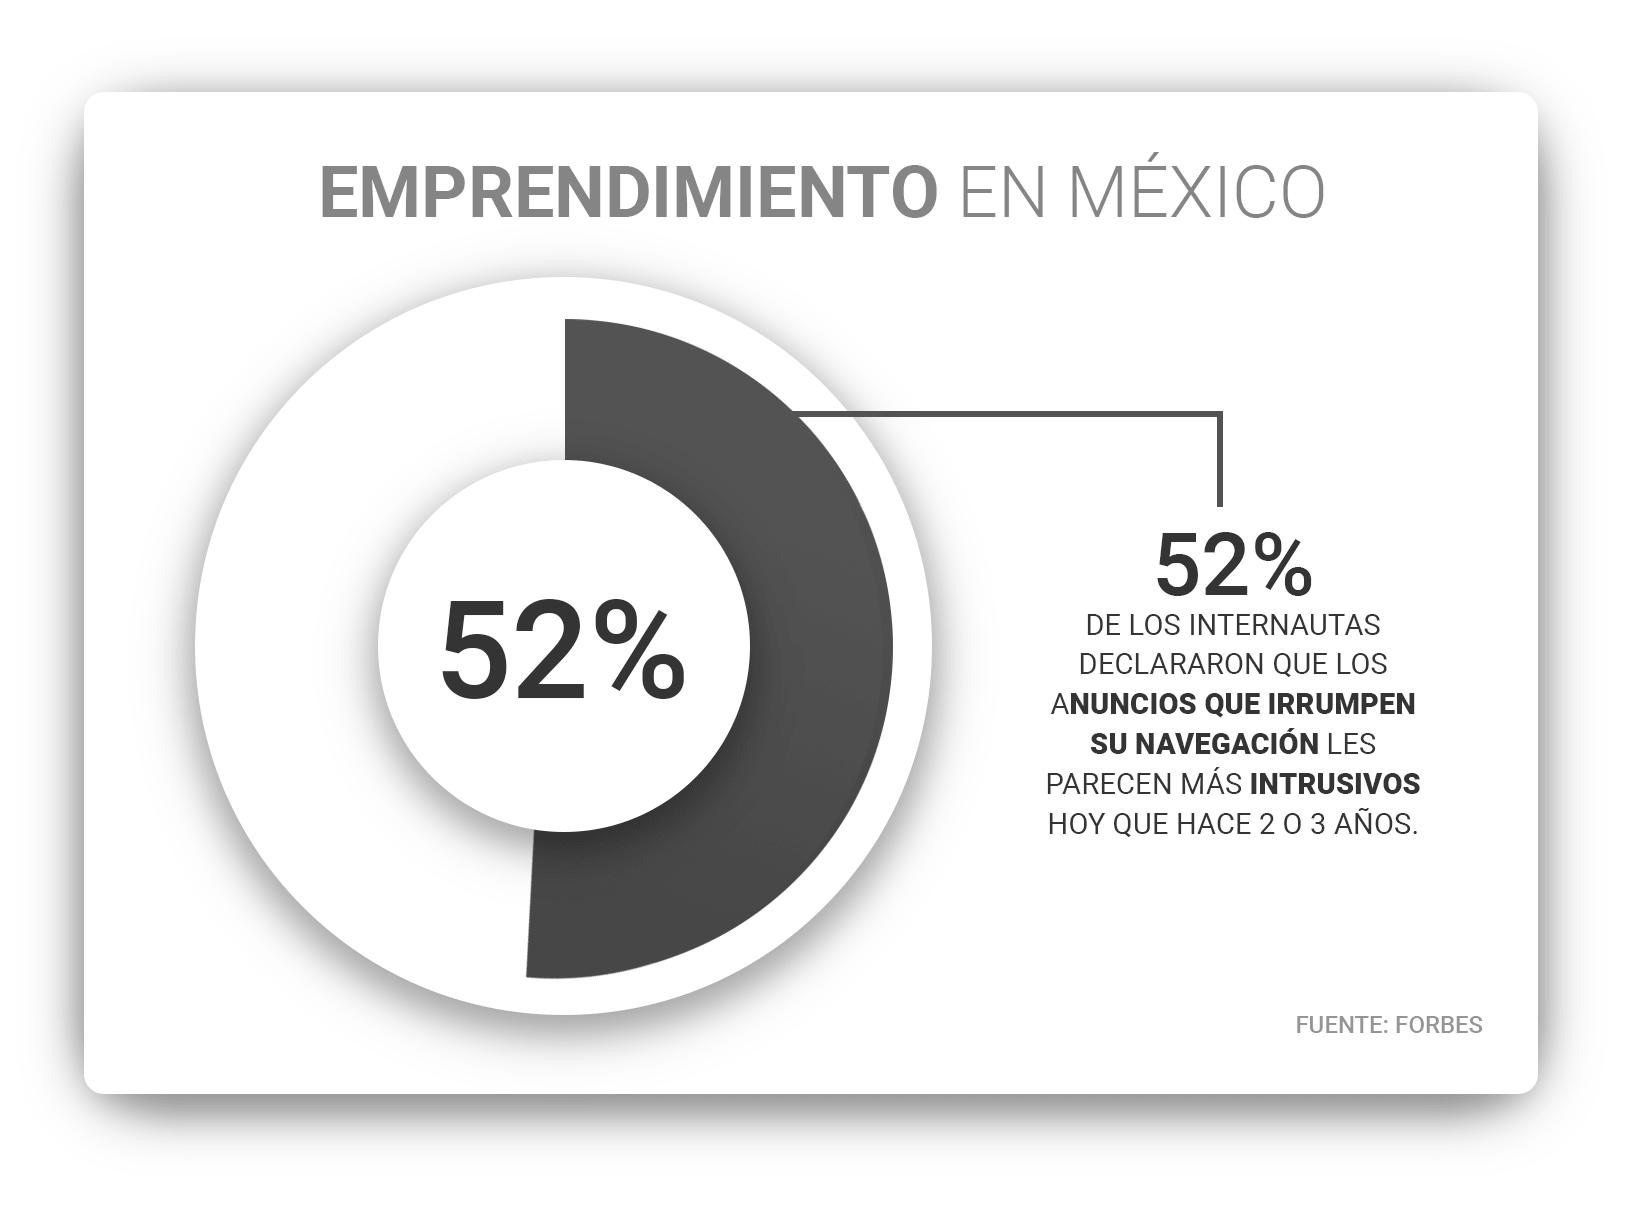 emprendimiento-en-mexico-min